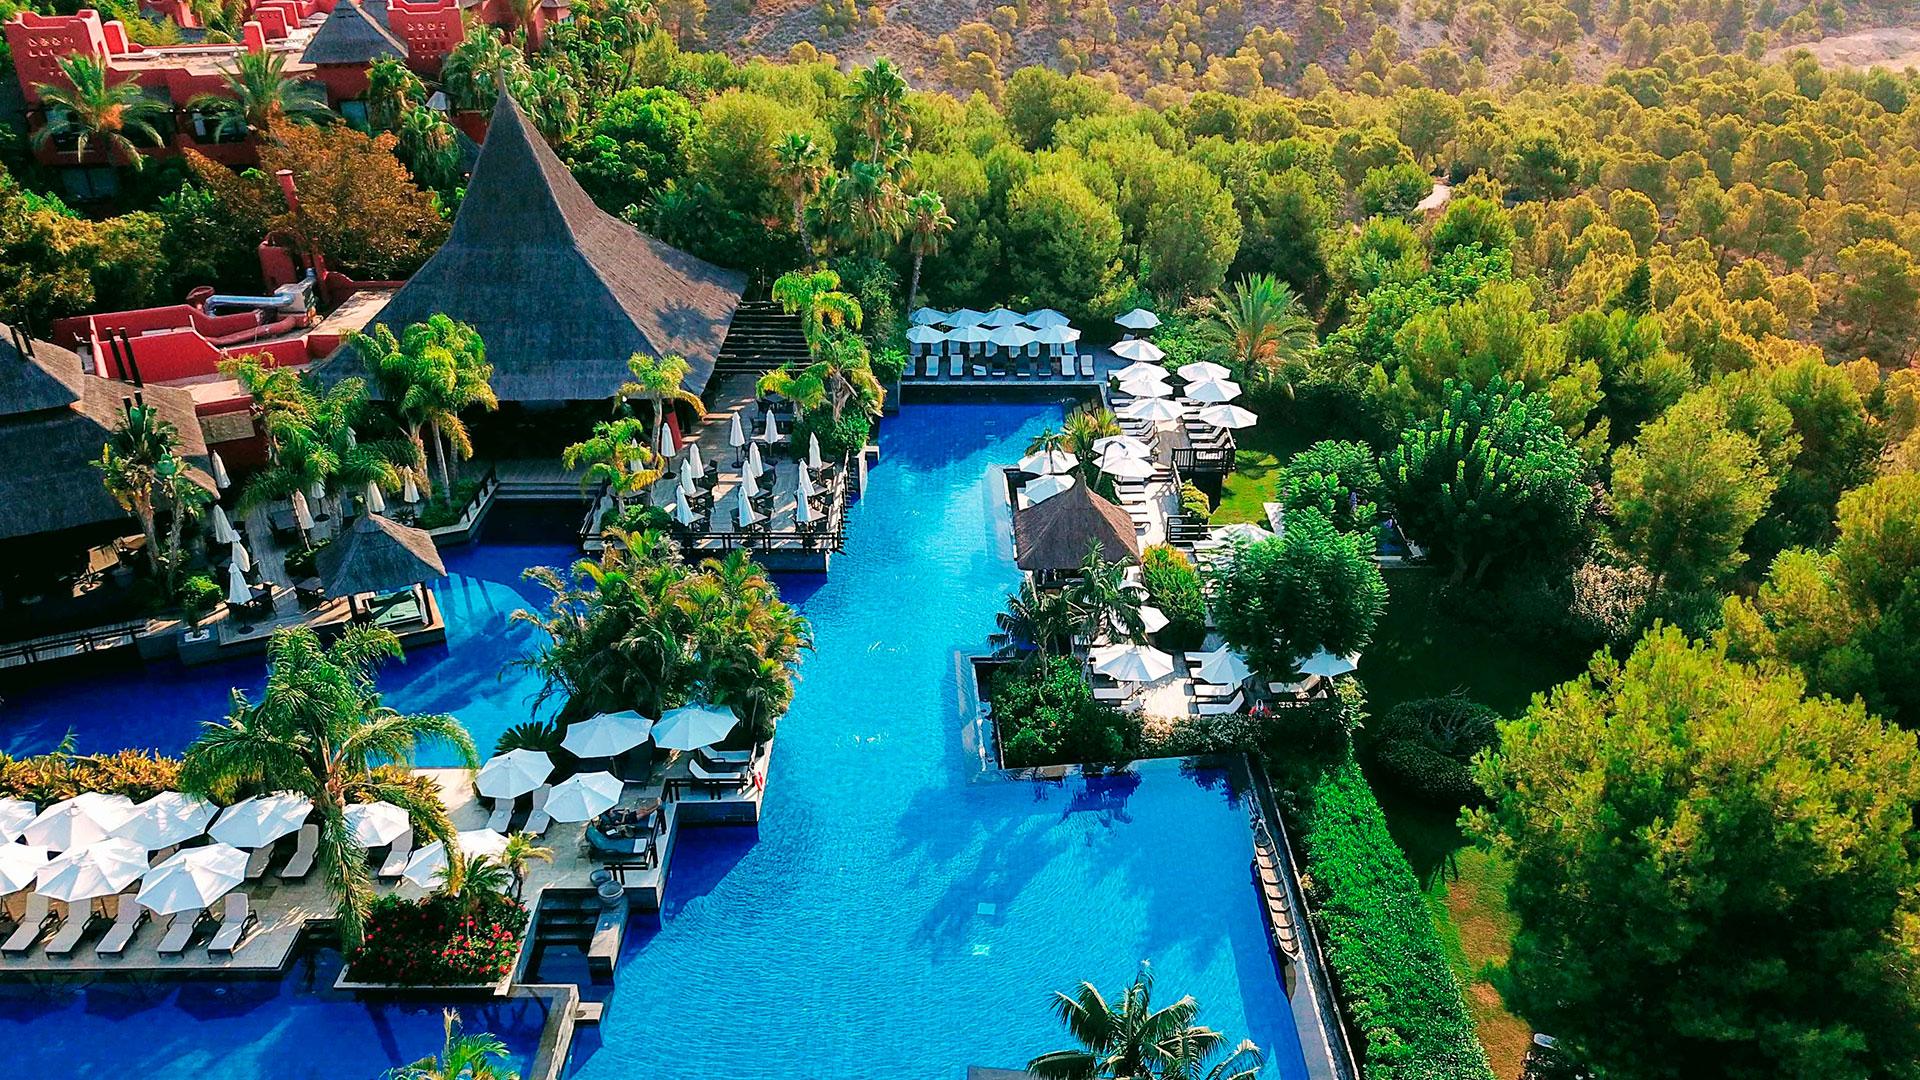 Imagen de Asia Gardens Hotel Thai Spa